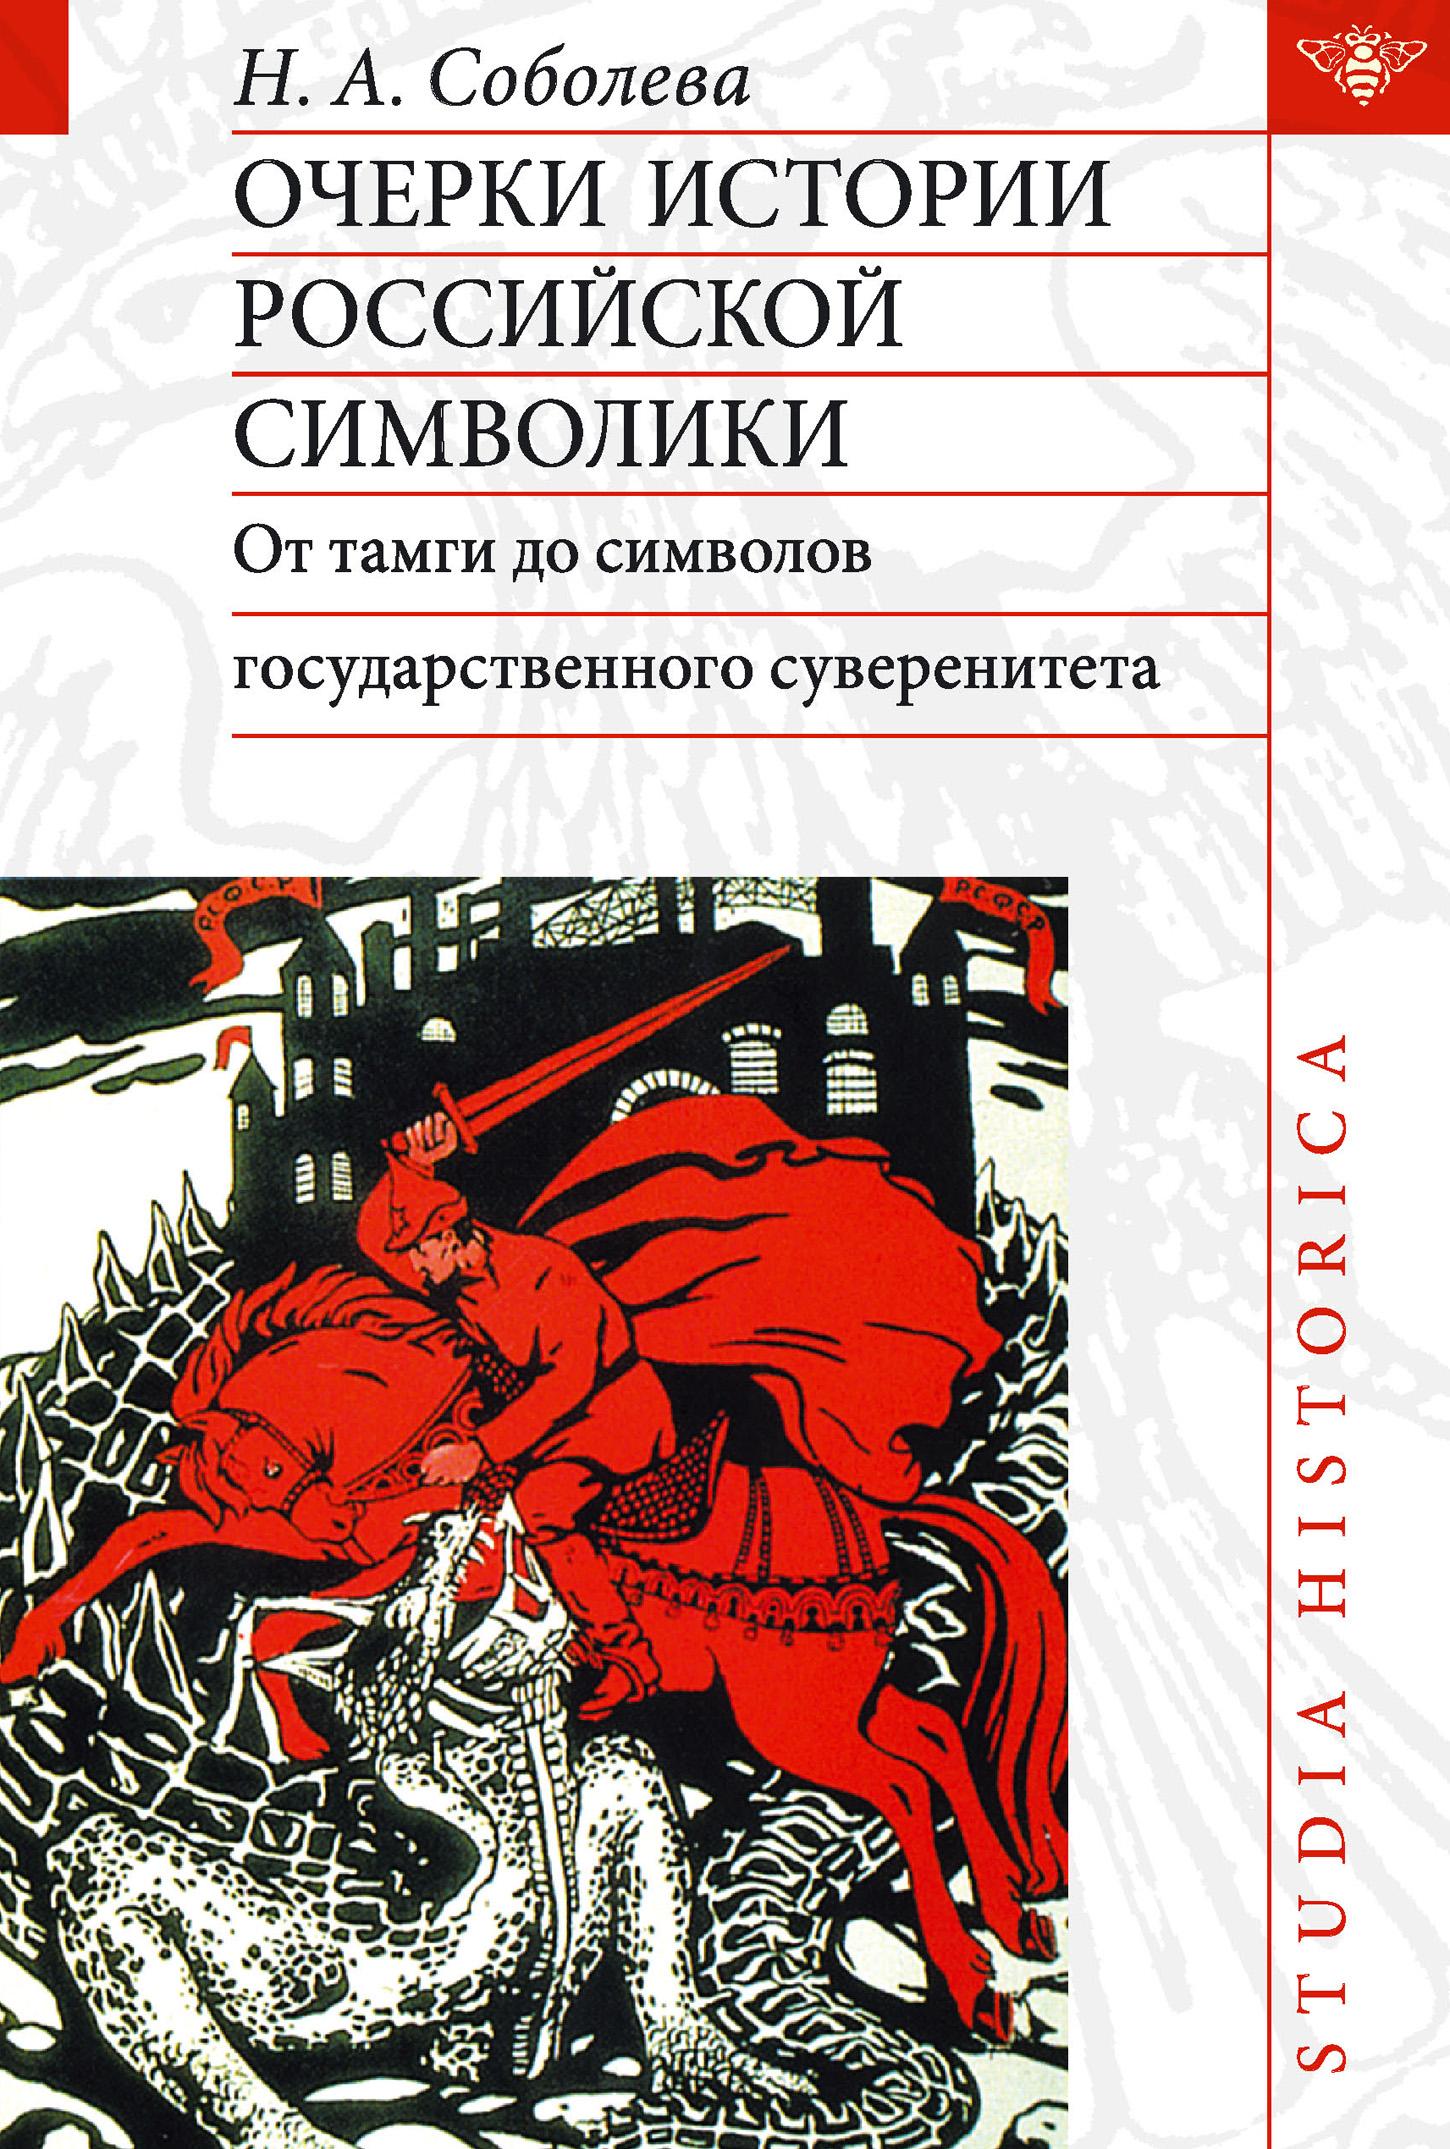 Очерки истории российской символики. От тамги до символов государственного суверенитета